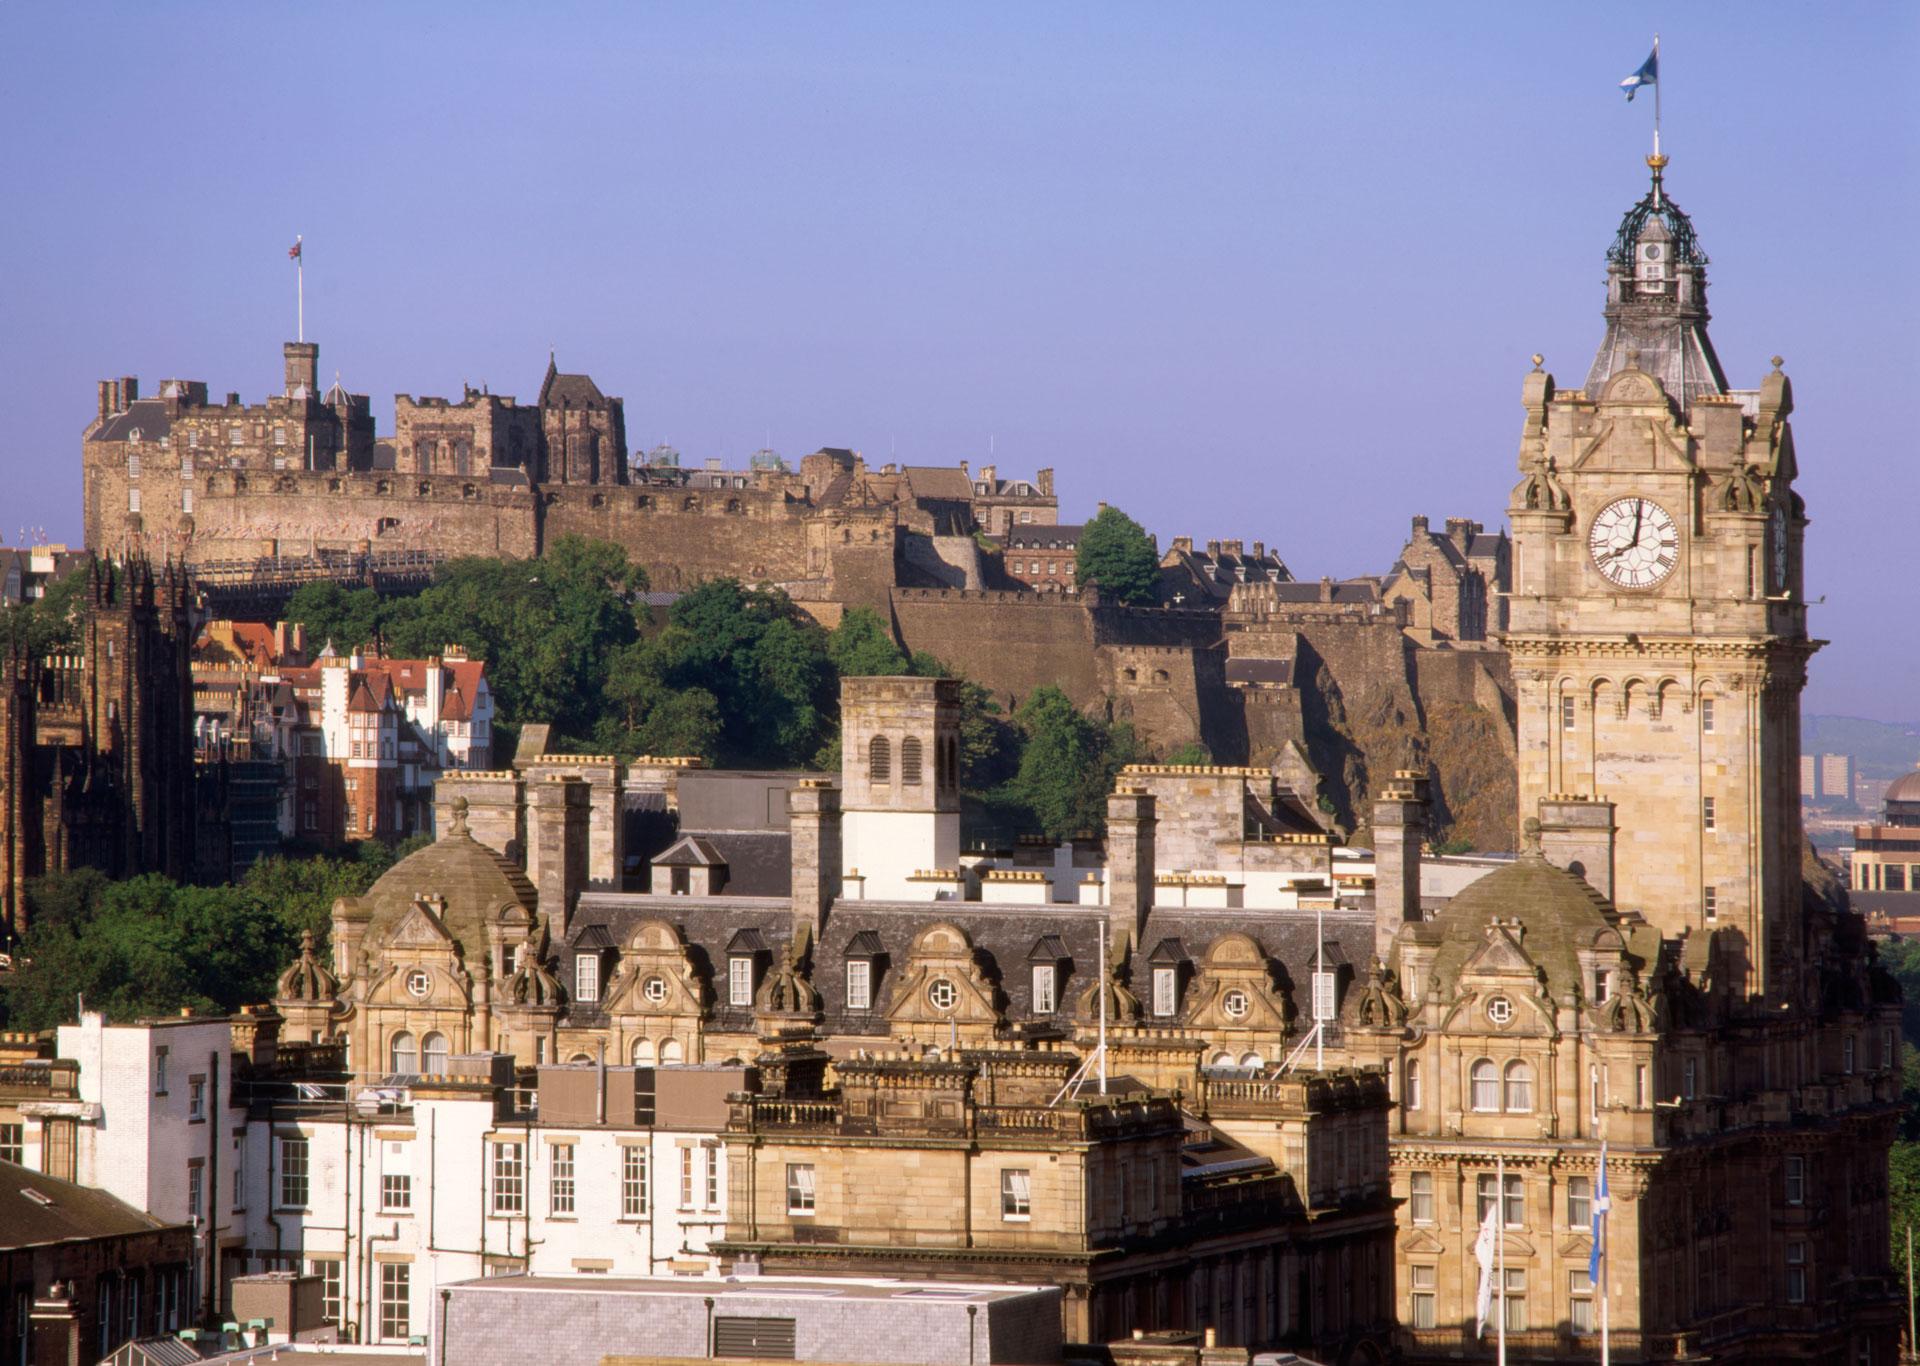 Schottland ab Edinburgh entdecken.